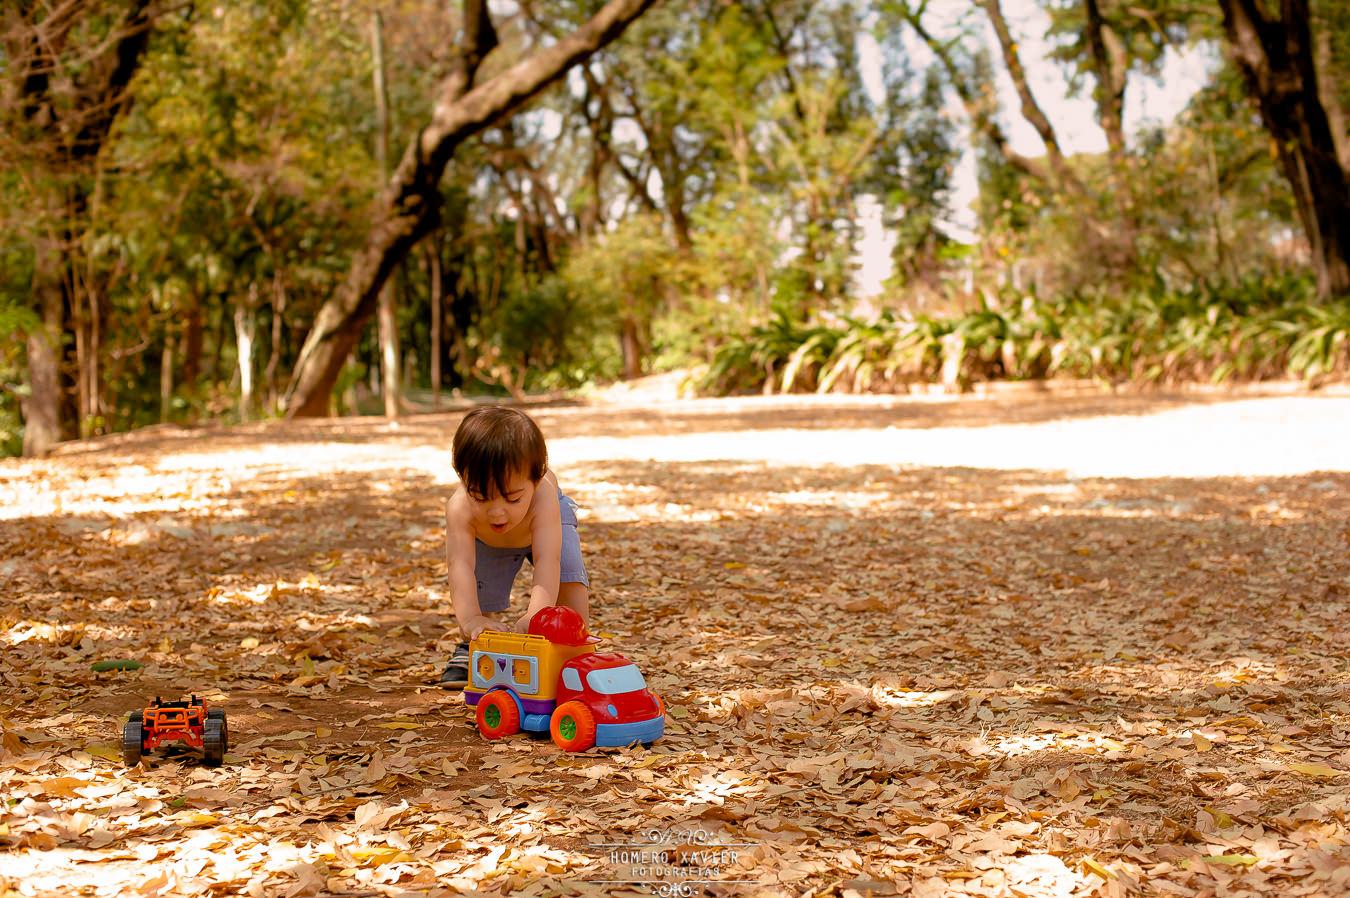 book infantil externo em parque em bh